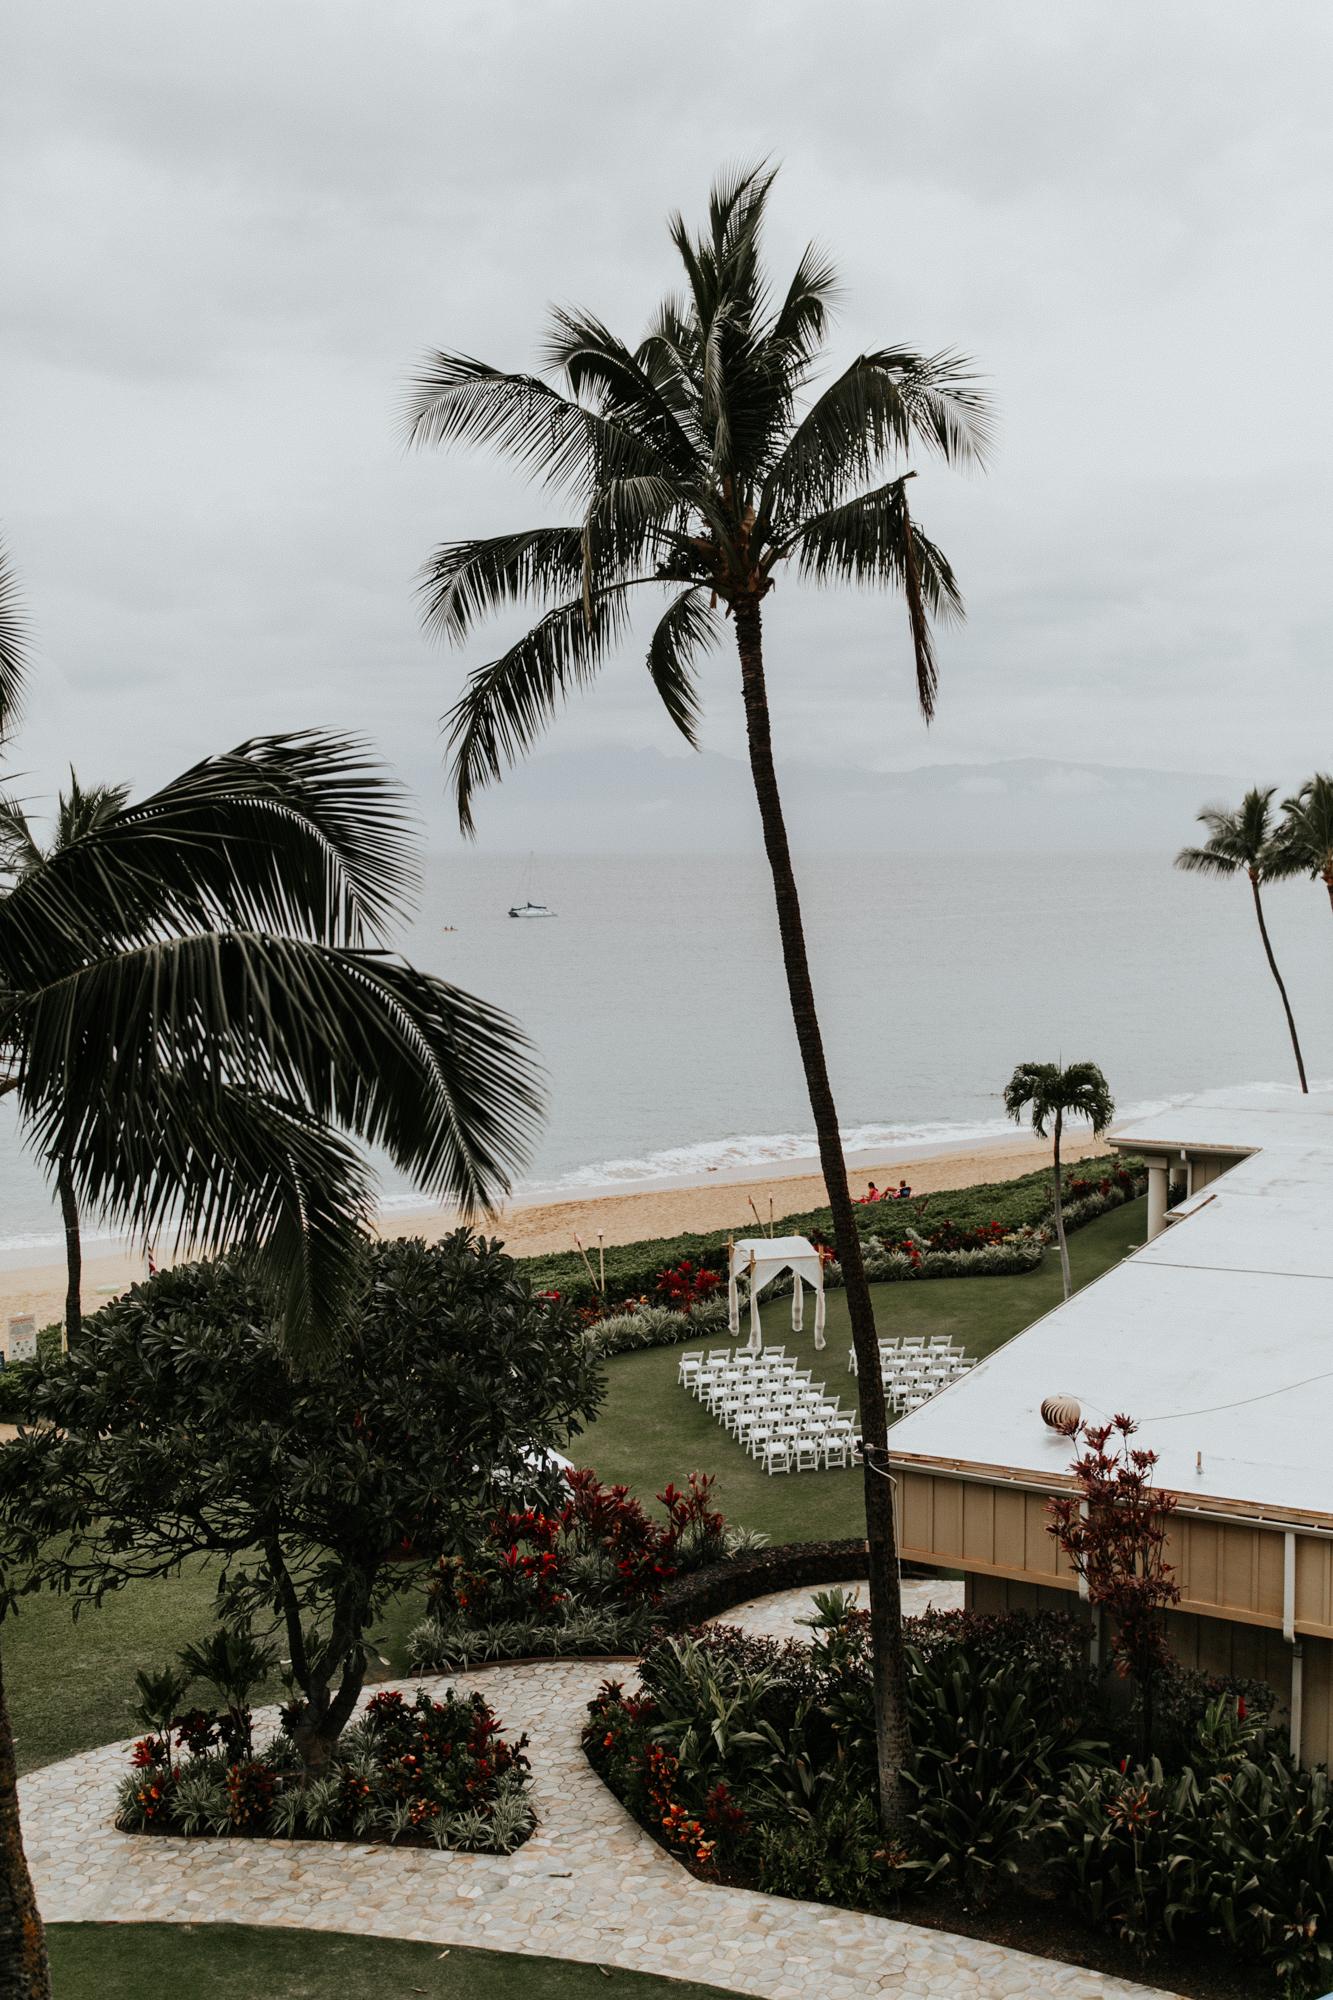 destination-wedding-photographer-hawaii-maui-elopement-23.jpg